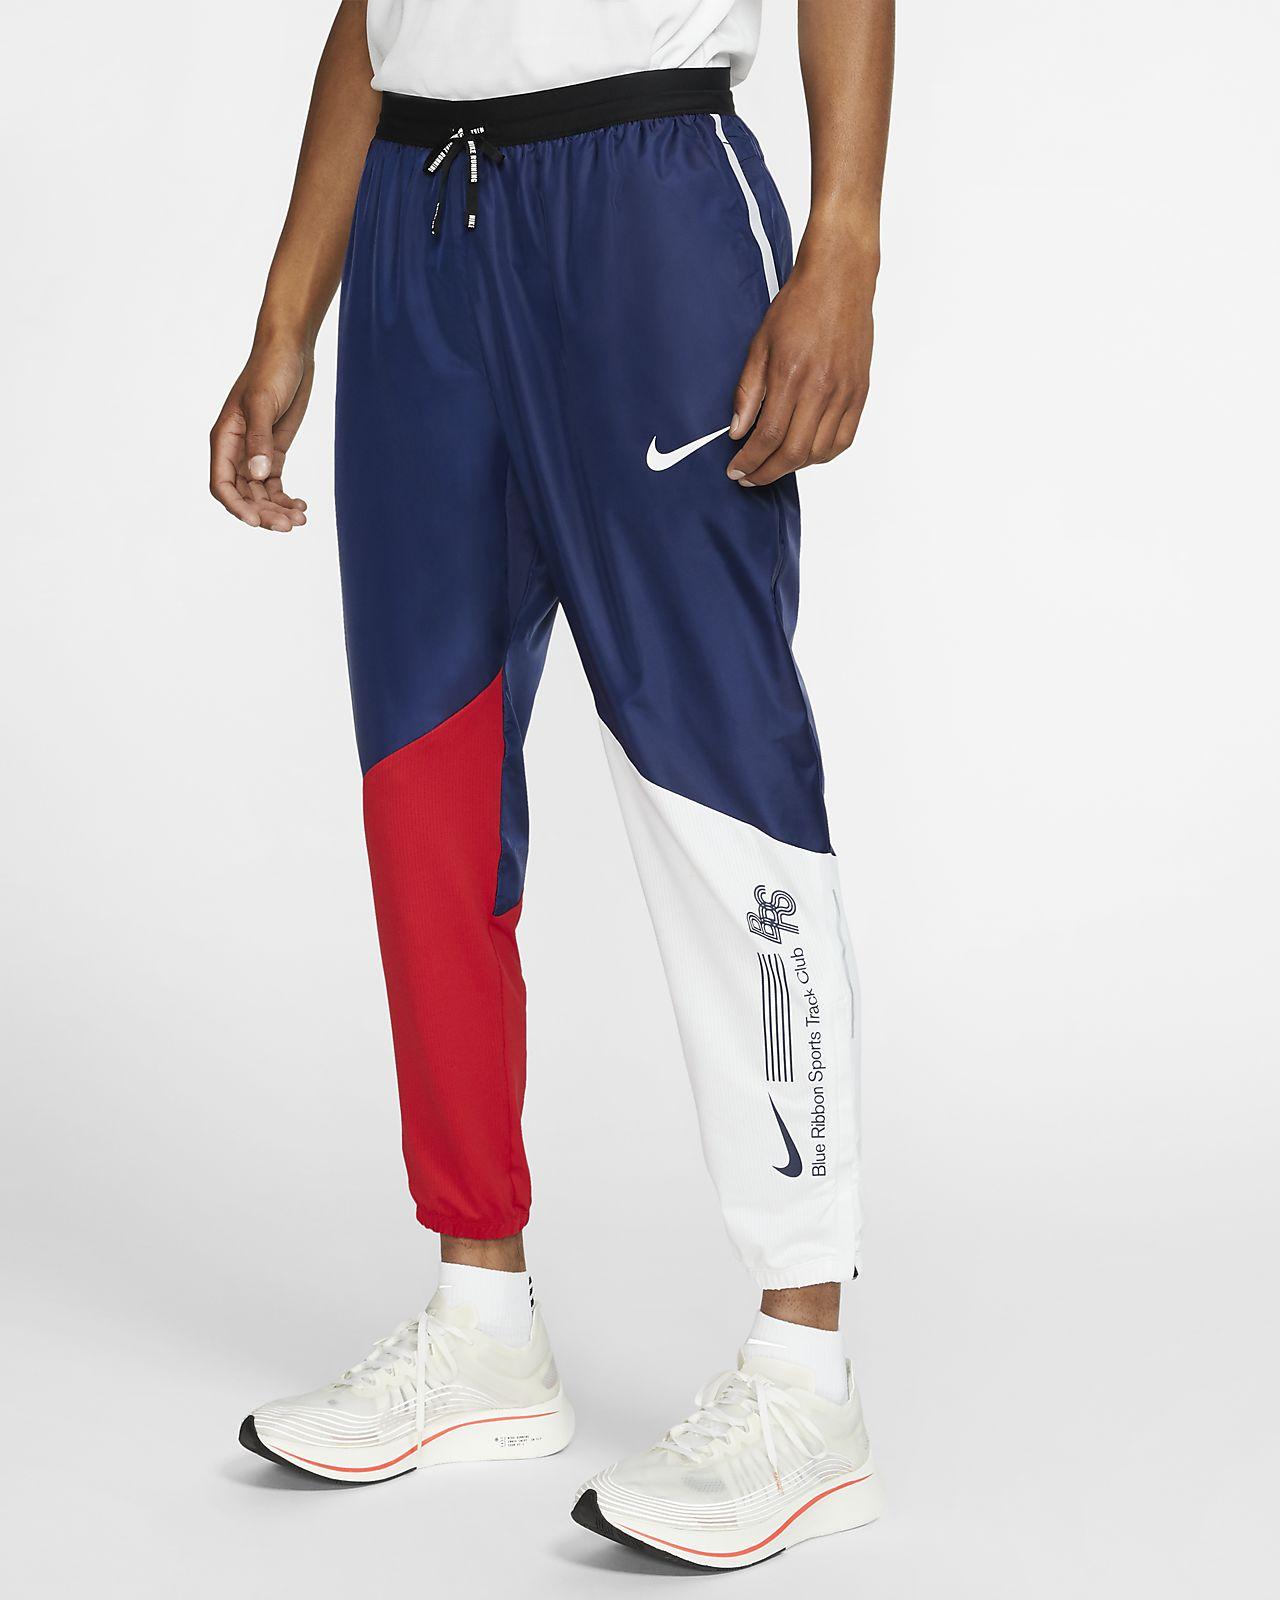 Spodnie dresowe do biegania Nike BRS